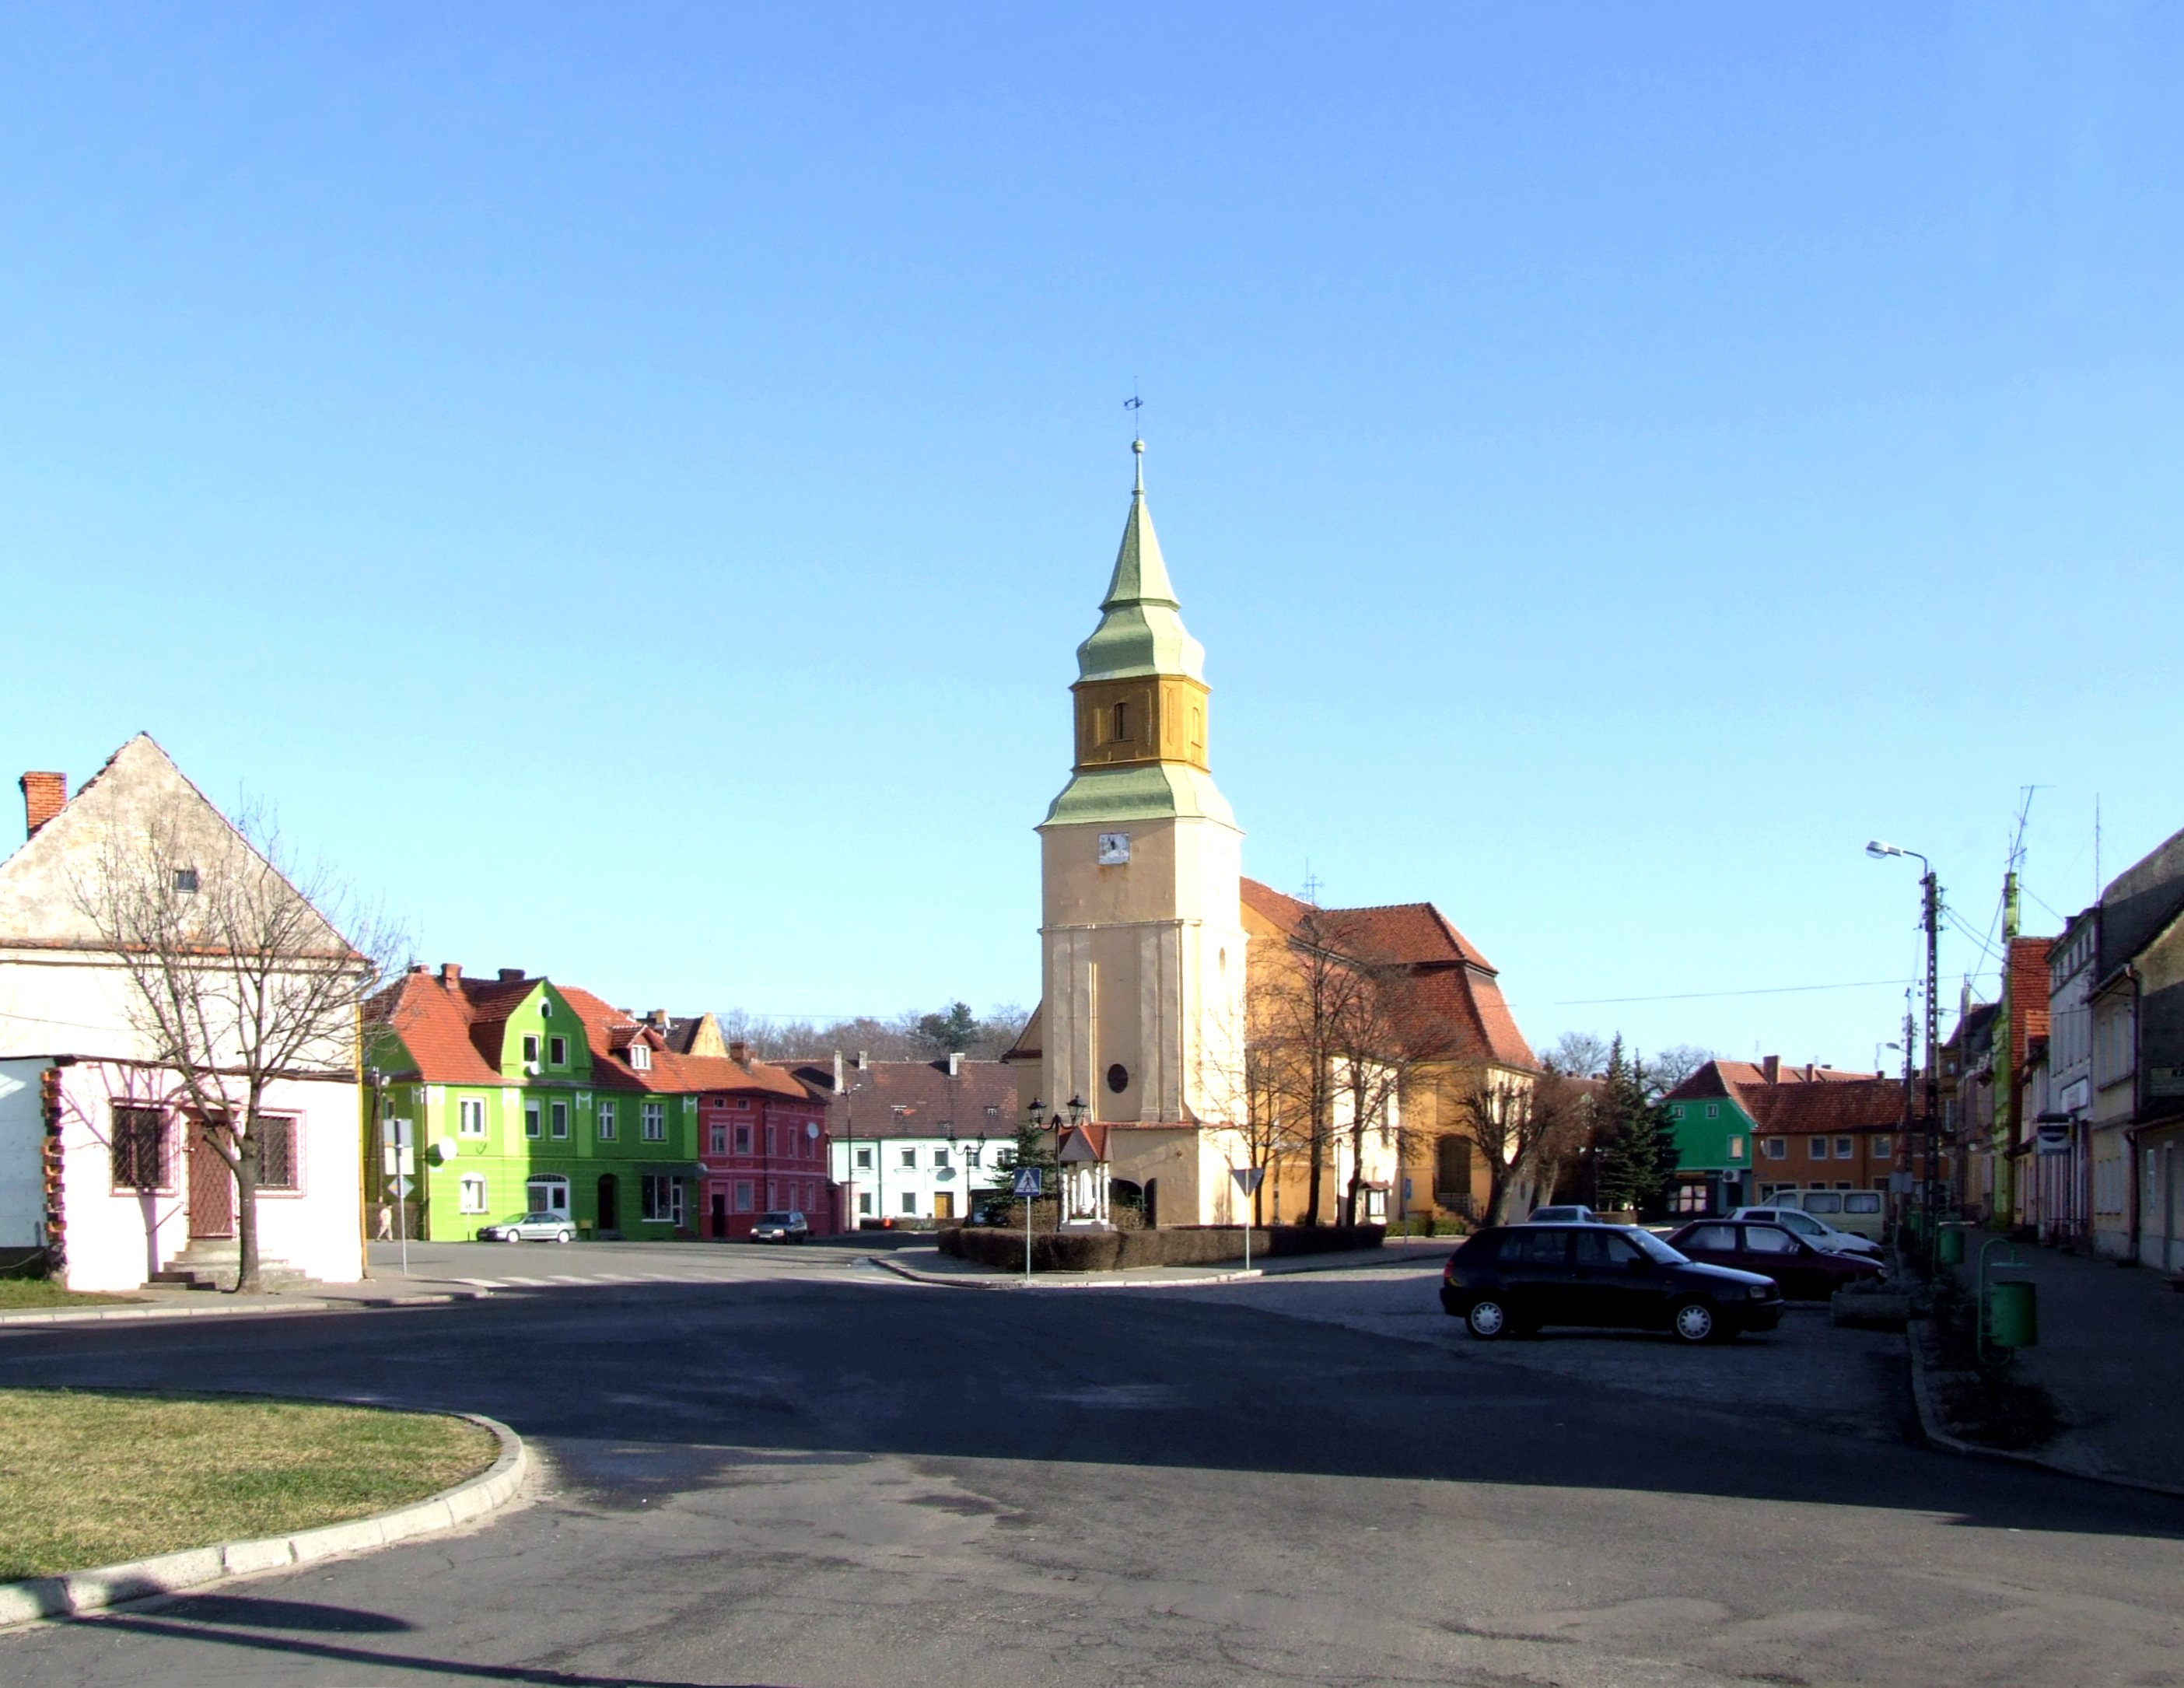 Polski Autokefaliczny Koci Prawosawny w obszarze